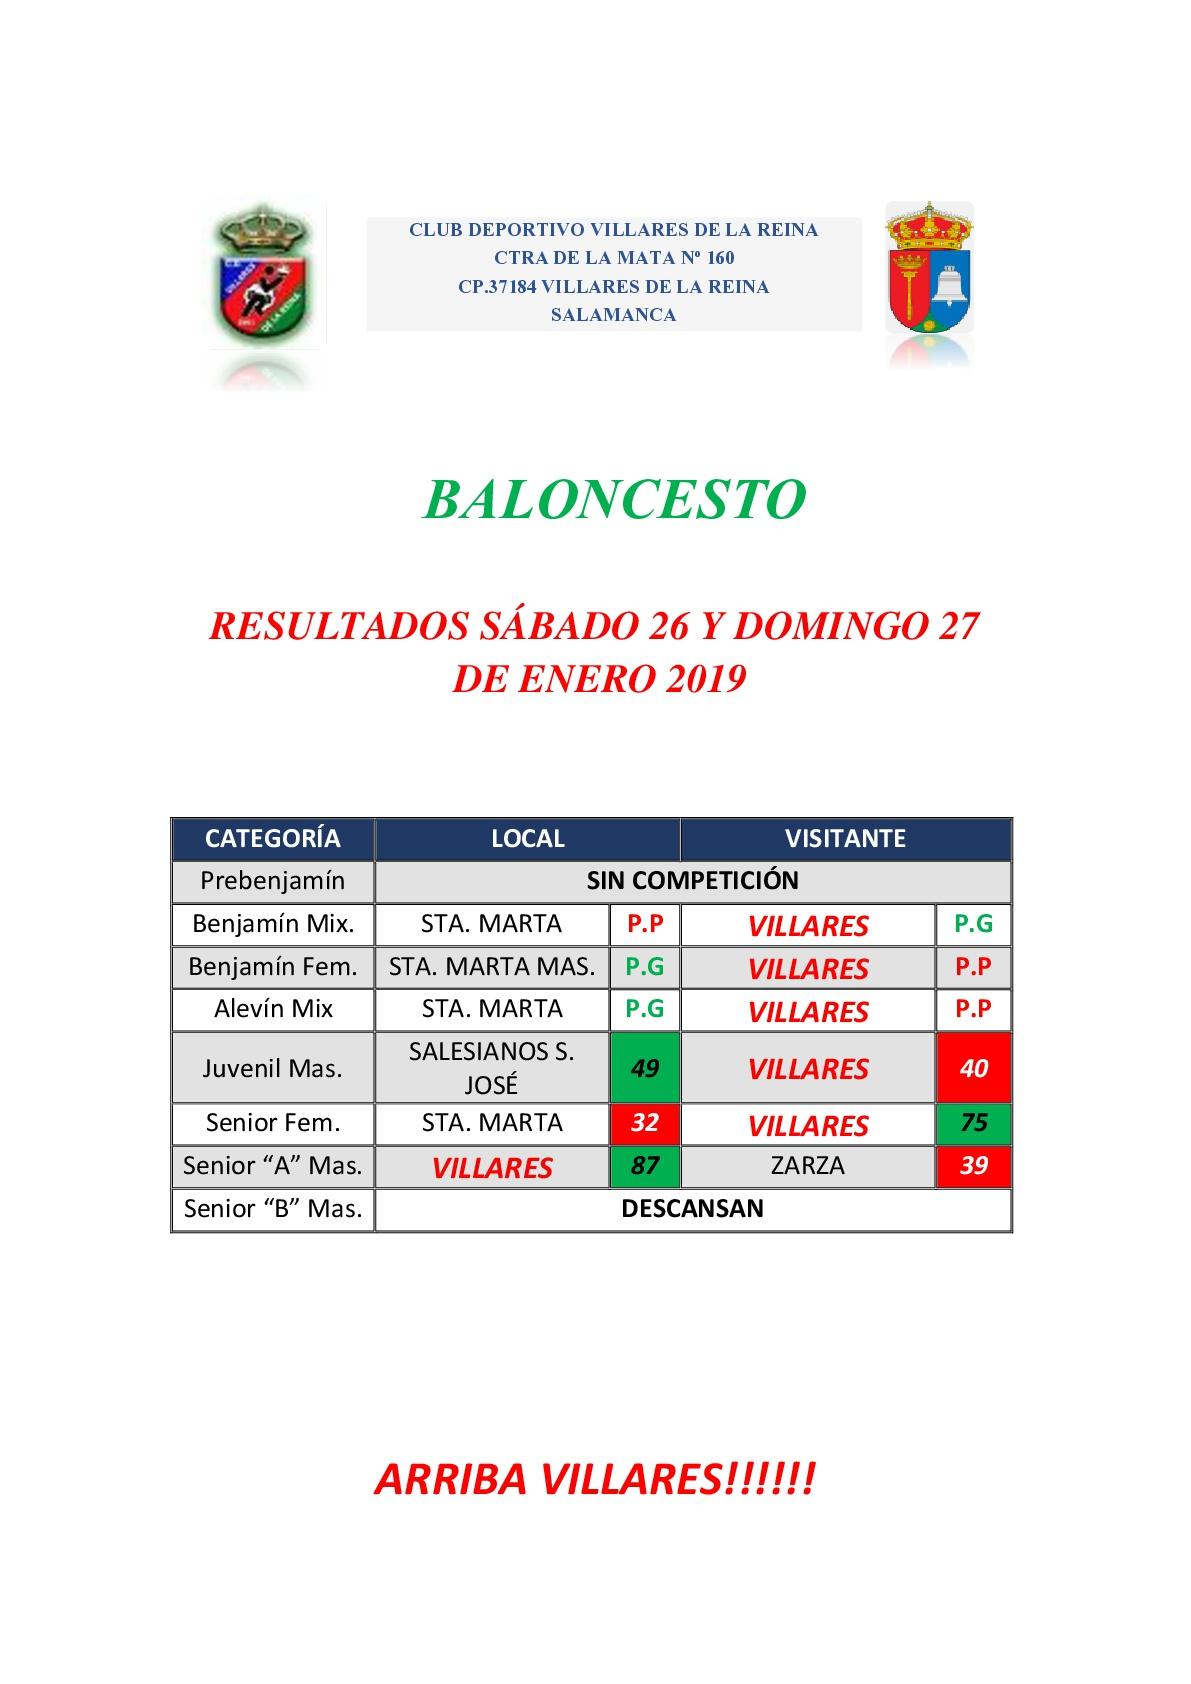 RESULTADOS BALONCESTO S�BADO 26 Y DOMINGO 27 DE ENERO